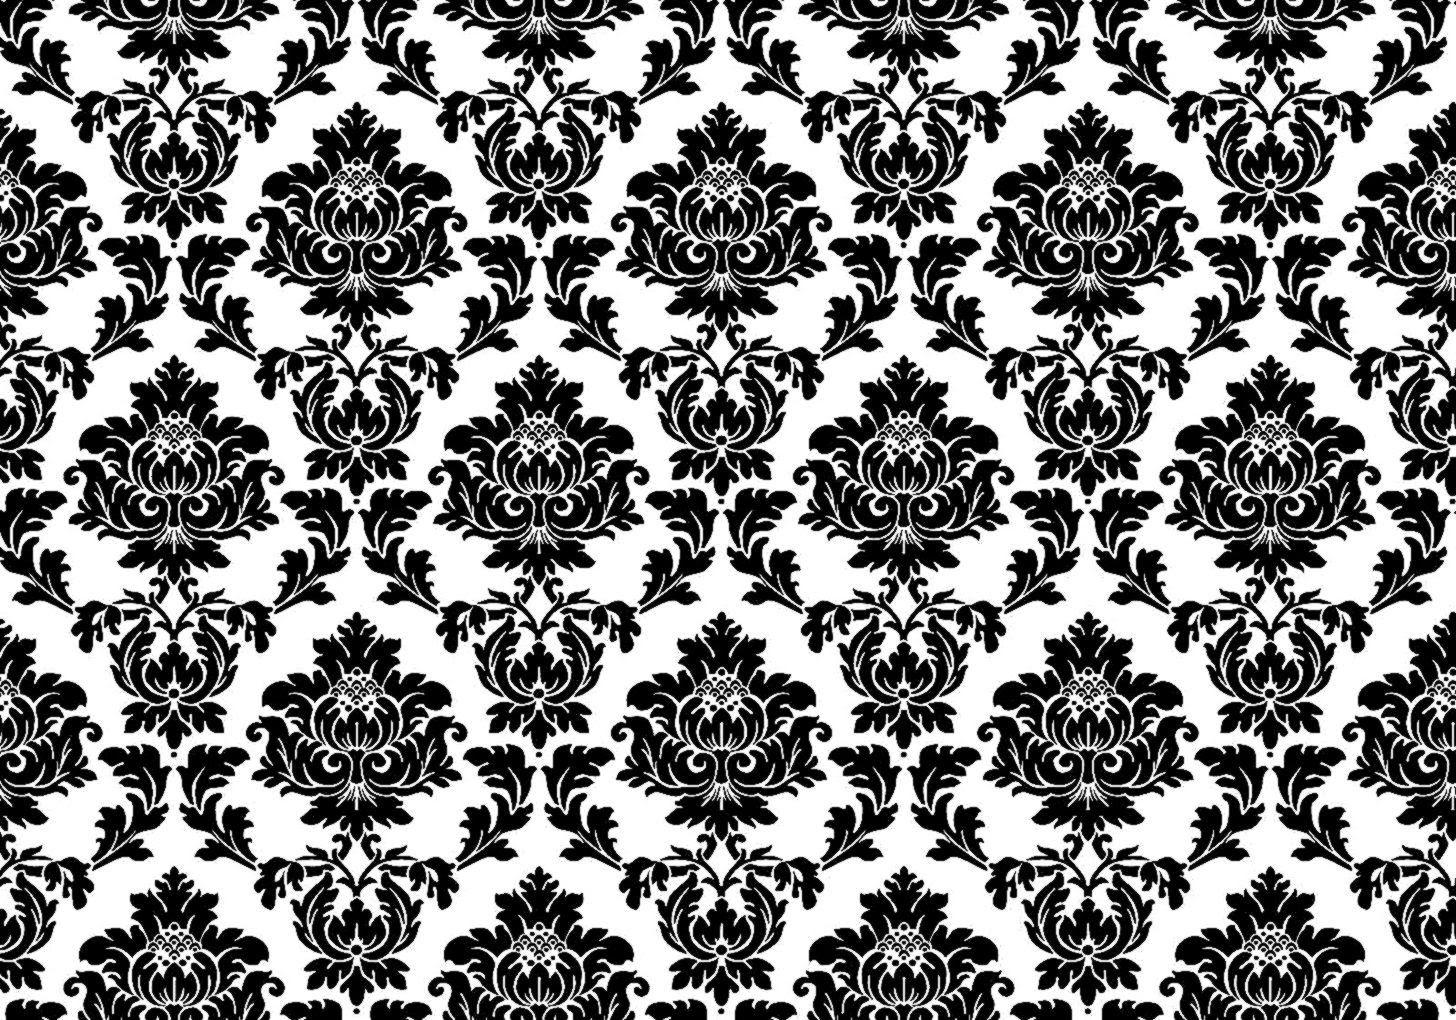 European Damask Wallpaper Damask Patterns Bradbury Bradbury ...